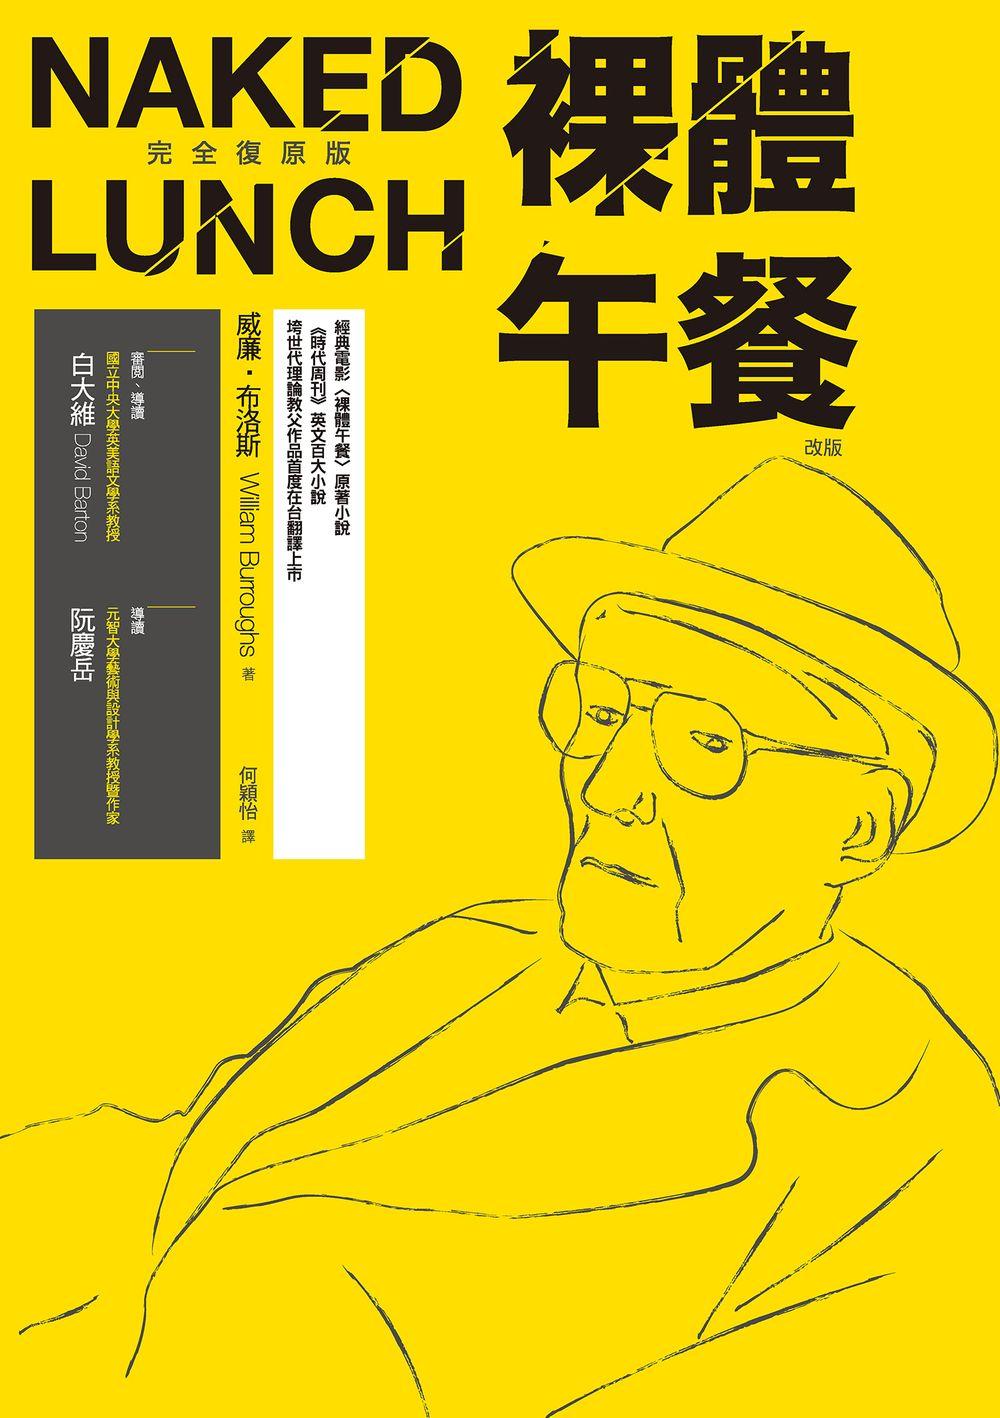 裸體午餐(完全復原版,改版) (電子書)